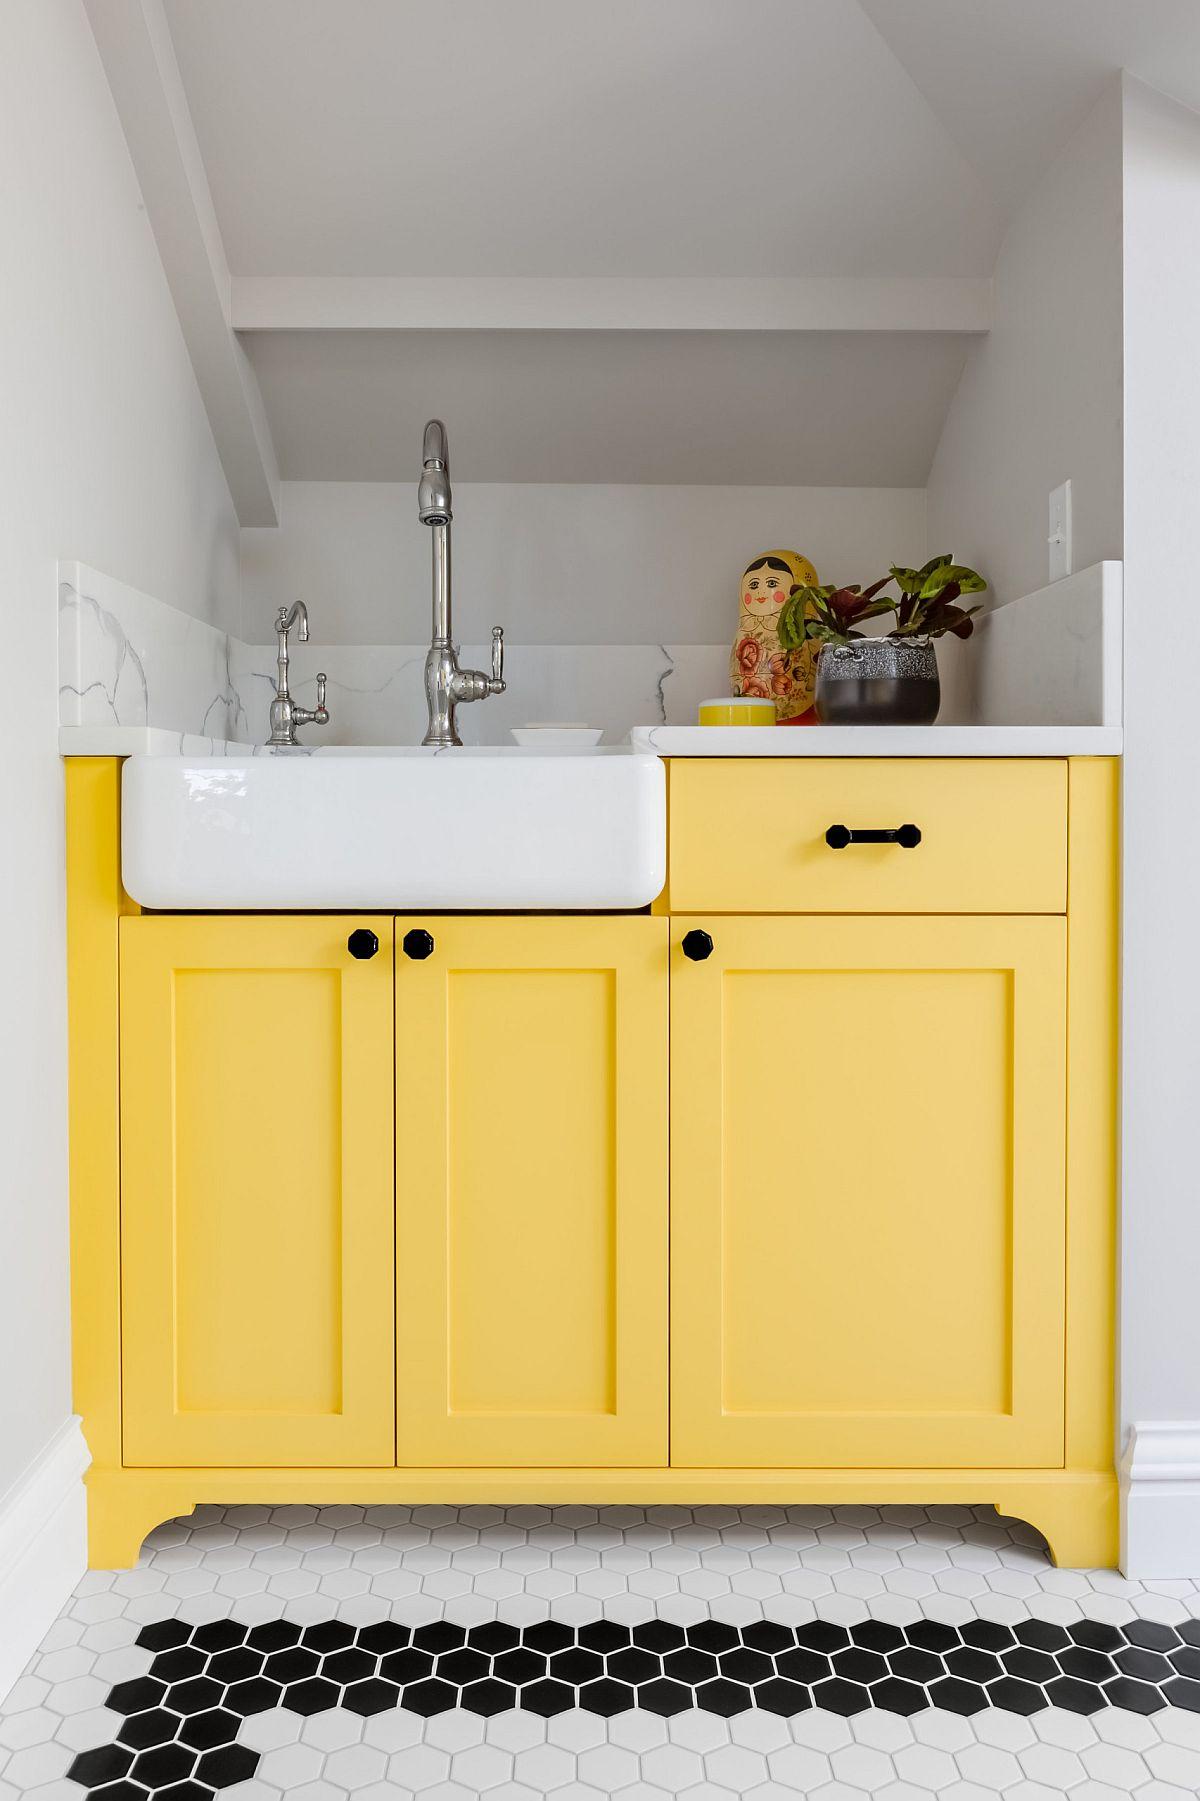 Tủ màu vàng đẹp mắt tạo thêm sự lấp lánh và tươi mới cho nội thất trung tính hiện đại